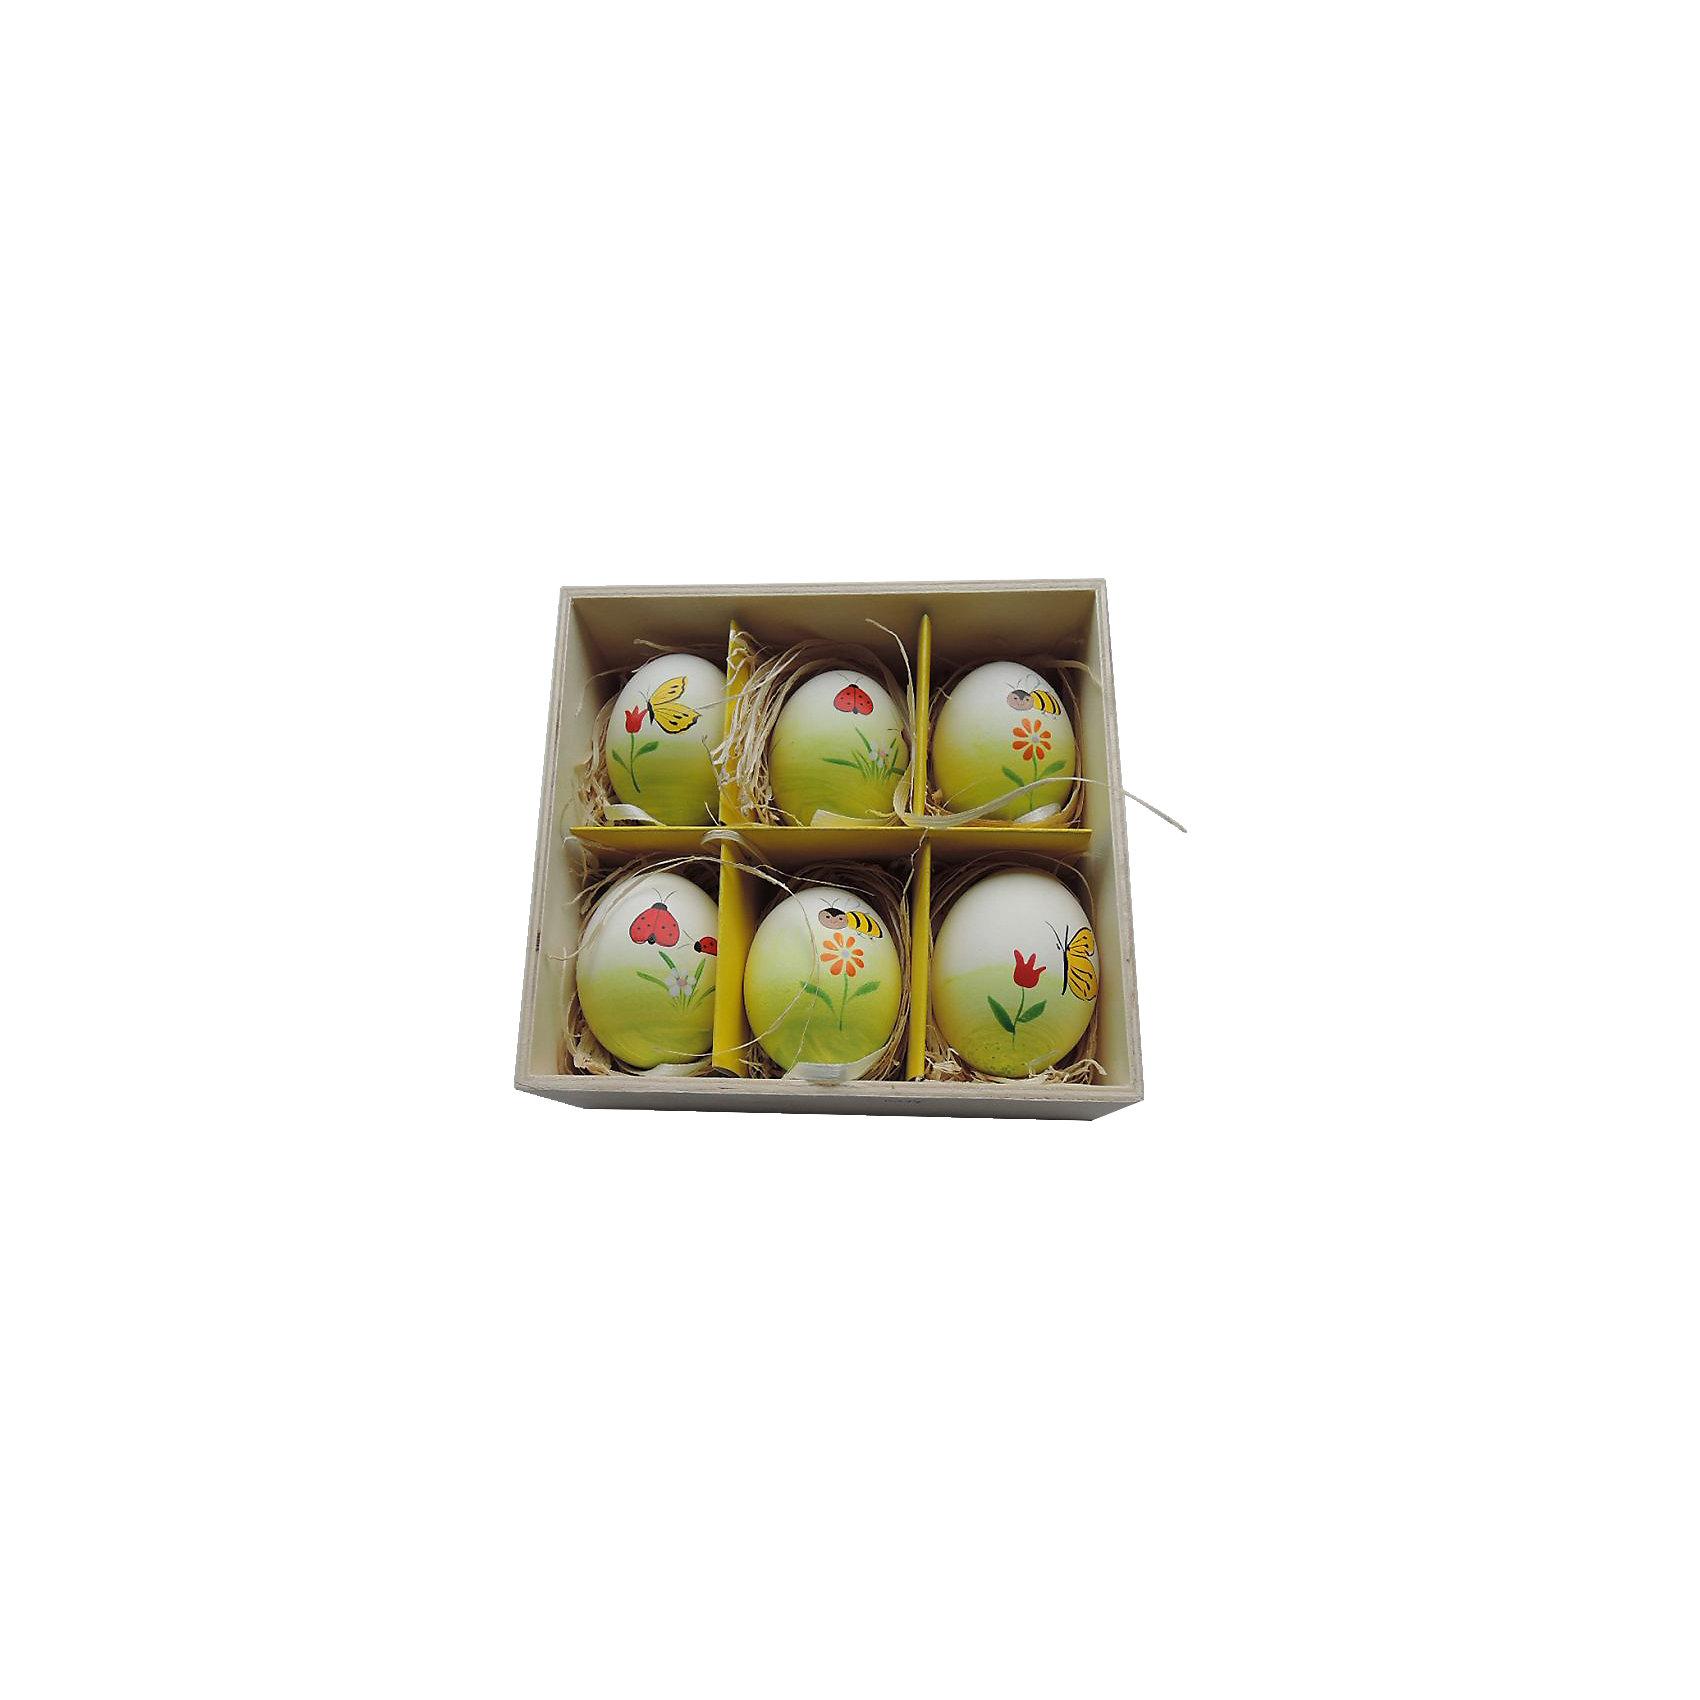 Декоративный набор пасхальных яиц Пчелки 6 штДекоративное подвесное пасхальное яйцо - идеальный вариант для украшения дома к празднику или же для пасхального сувенира. Подвески выполнены из натуральной скорлупы, украшены нежными рисунками, имеют специальные текстильные петельки для подвешивания. В комплекте - 6 пасхальных яиц, расположенных в оригинальном  деревянного ящичке с подложкой из лыко.<br><br>Дополнительная информация:<br><br>- Материал: скорлупа куриного яйца, текстиль, лыко.<br>- Размер яйца: 4 см х 4 см х 5,5 см.<br>- Размер упаковки: 16х15х6 см.<br>- 6 штук в наборе. <br>- Цвет: желтый, белый, зеленый, красный. <br><br>Декоративный набор пасхальных яиц Пчелки, 6 шт, можно купить в нашем магазине.<br><br>Ширина мм: 55<br>Глубина мм: 140<br>Высота мм: 150<br>Вес г: 143<br>Возраст от месяцев: 36<br>Возраст до месяцев: 2147483647<br>Пол: Унисекс<br>Возраст: Детский<br>SKU: 4501206